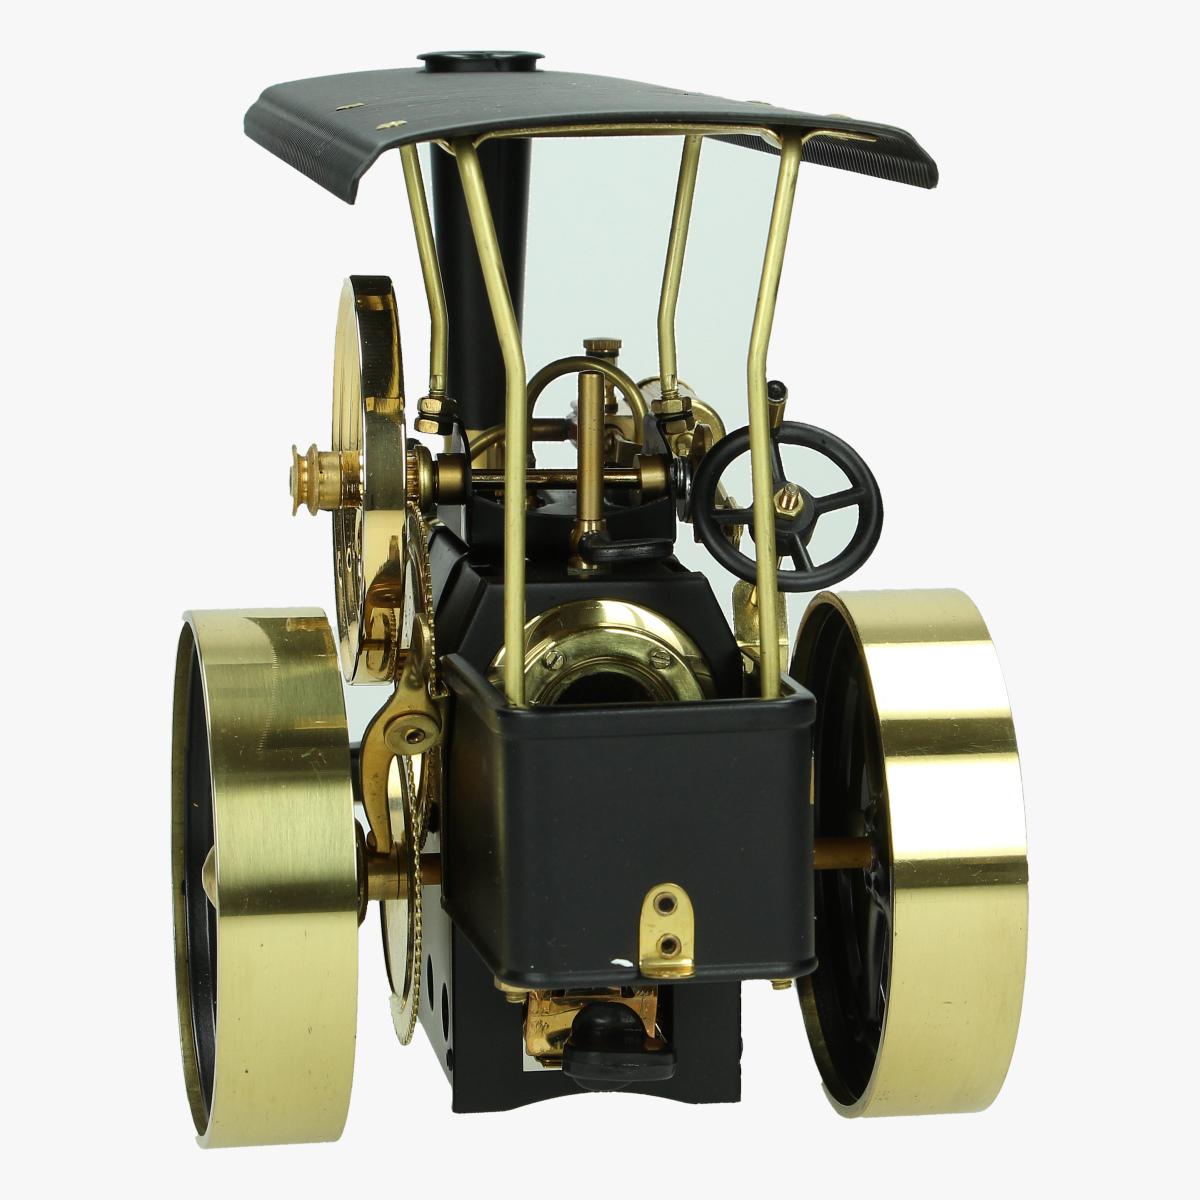 Afbeeldingen van wilesco traktor stoommachine repro